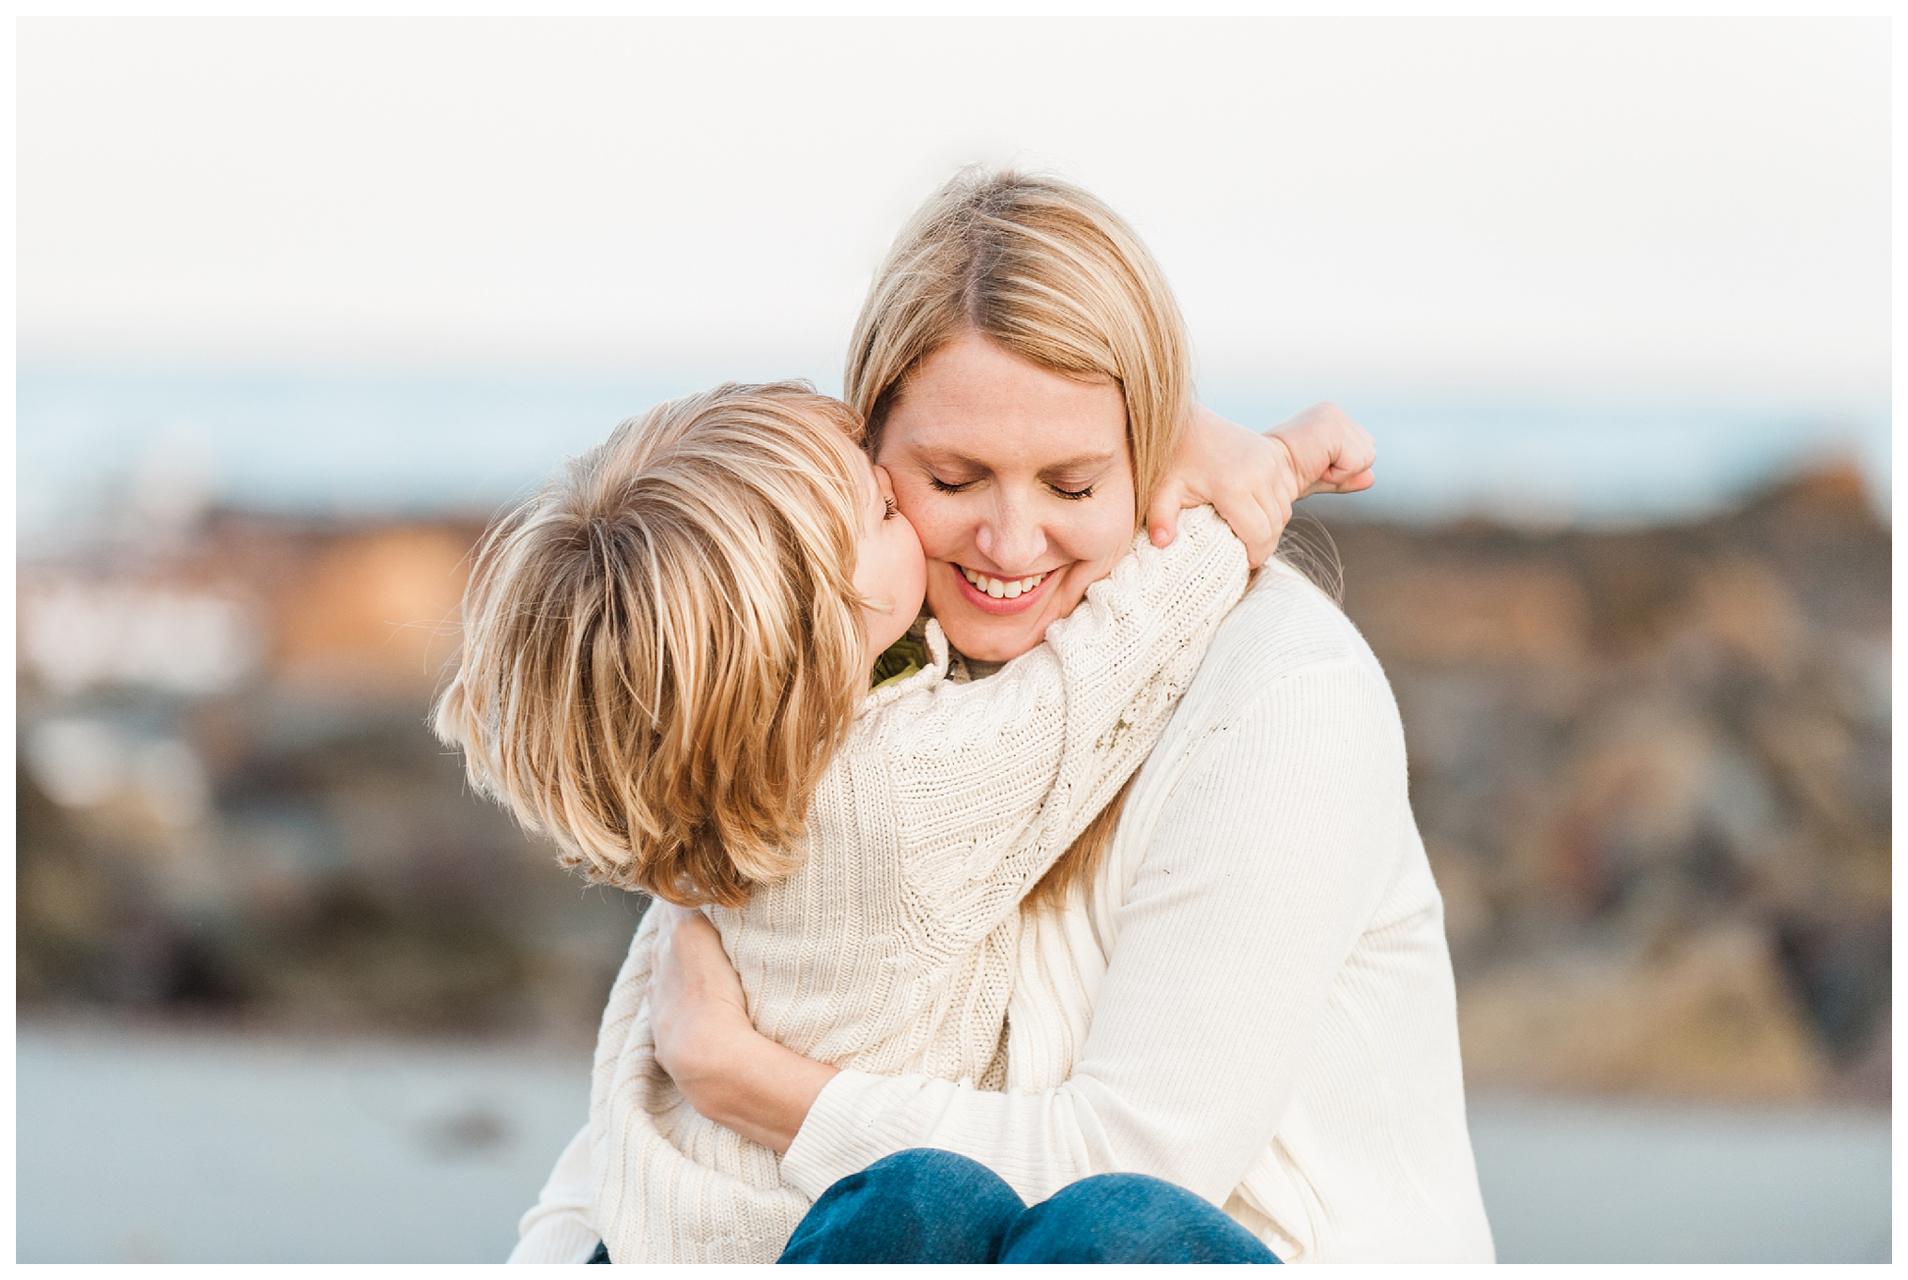 Family-Photographer-Sweet-Light-Portraits08.jpg